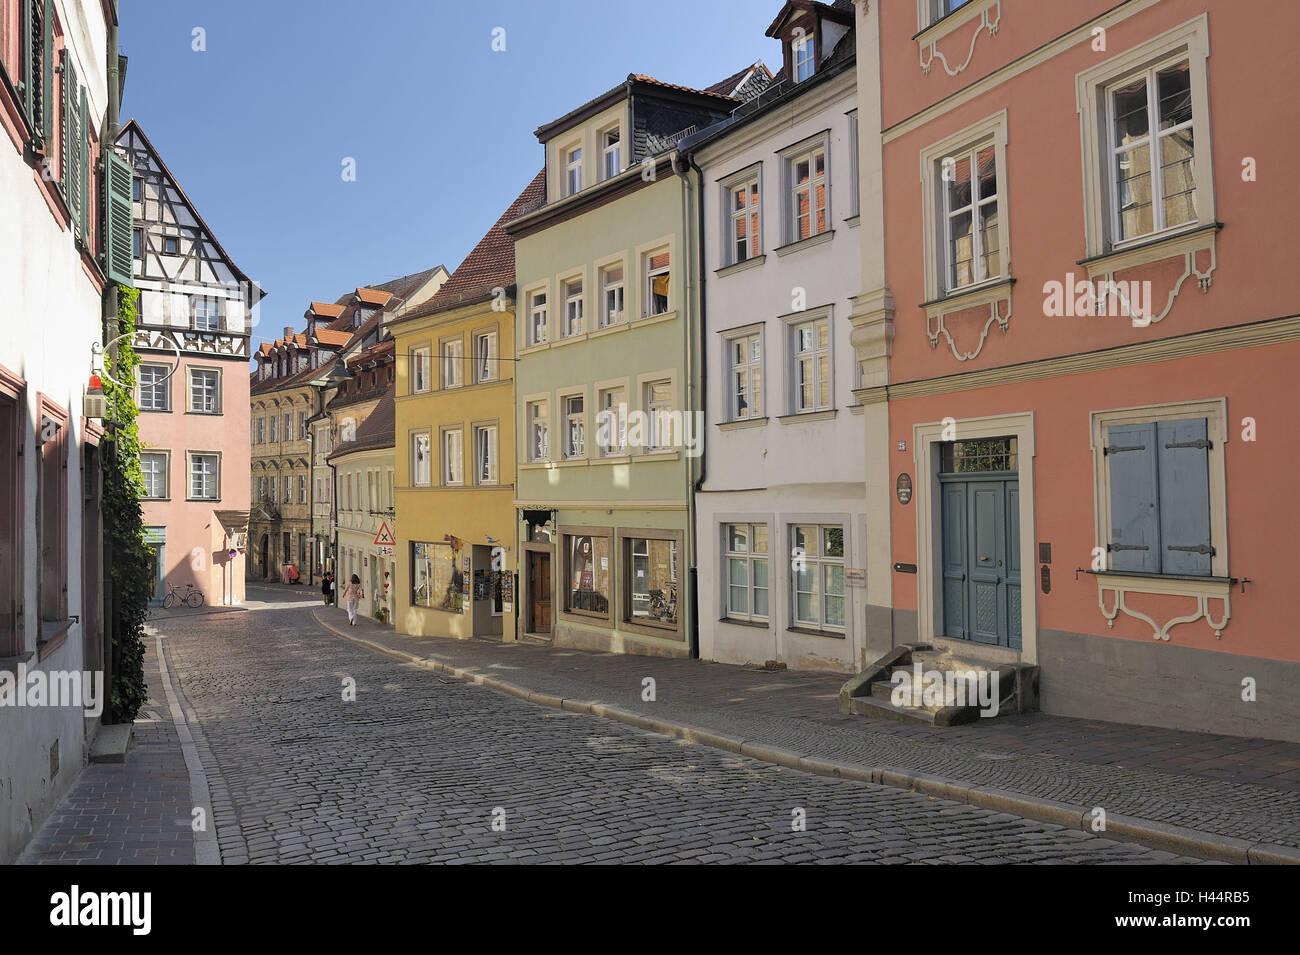 Bamberg Karolinenstr Antiquitäten : Antiquitäten bamberg karolinenstraße germany bavaria franconia